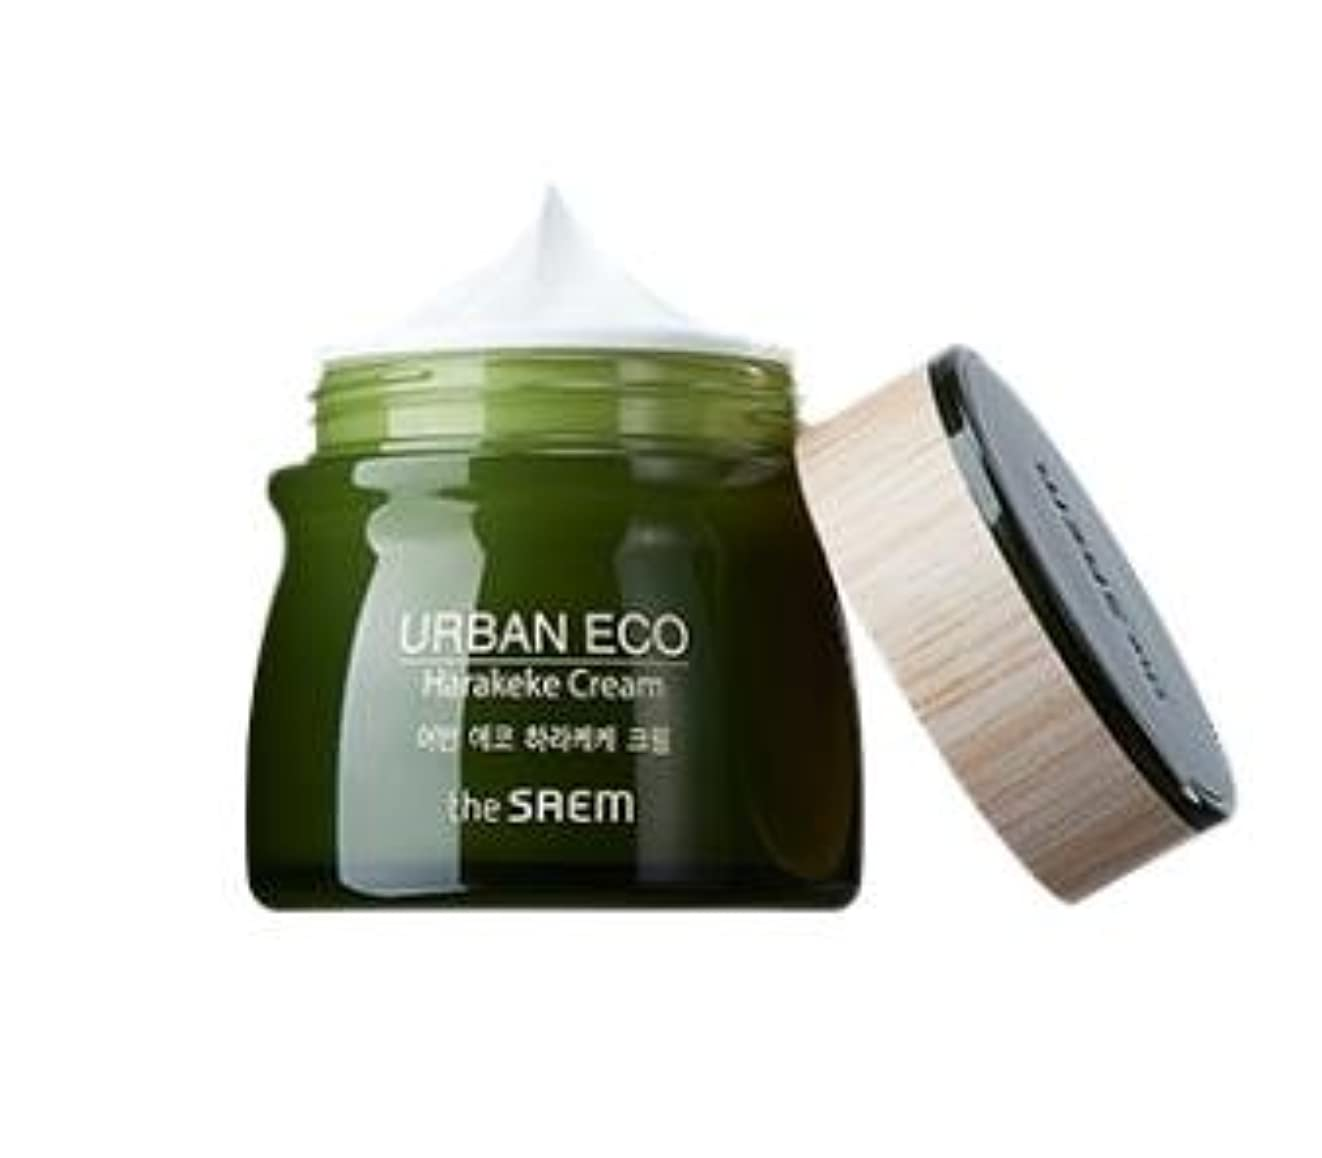 パキスタンチーターほぼ[NEW]The Saem Urban Eco Harakeke Cream ザセム アーバンエコ ハラケケクリーム [並行輸入品]